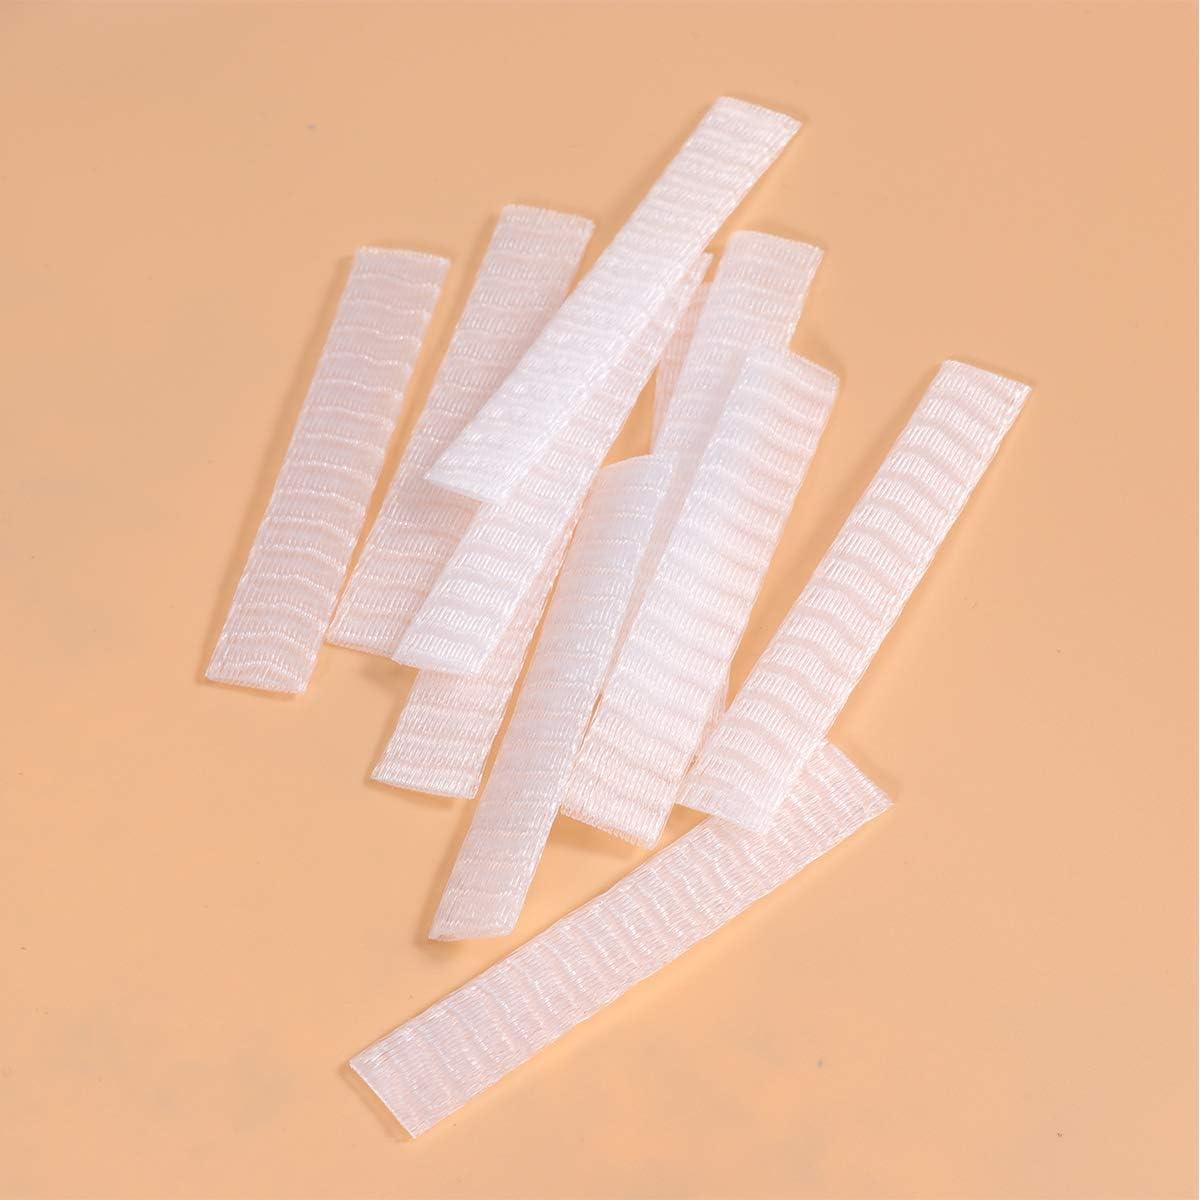 SUPVOX 100 st/ücke fadenspulennetz n/ähgarn net Maschine Gewinde net stickgarn net fadenspulennetz zum n/ähen stickmaschine gro/ße kleine Kegel